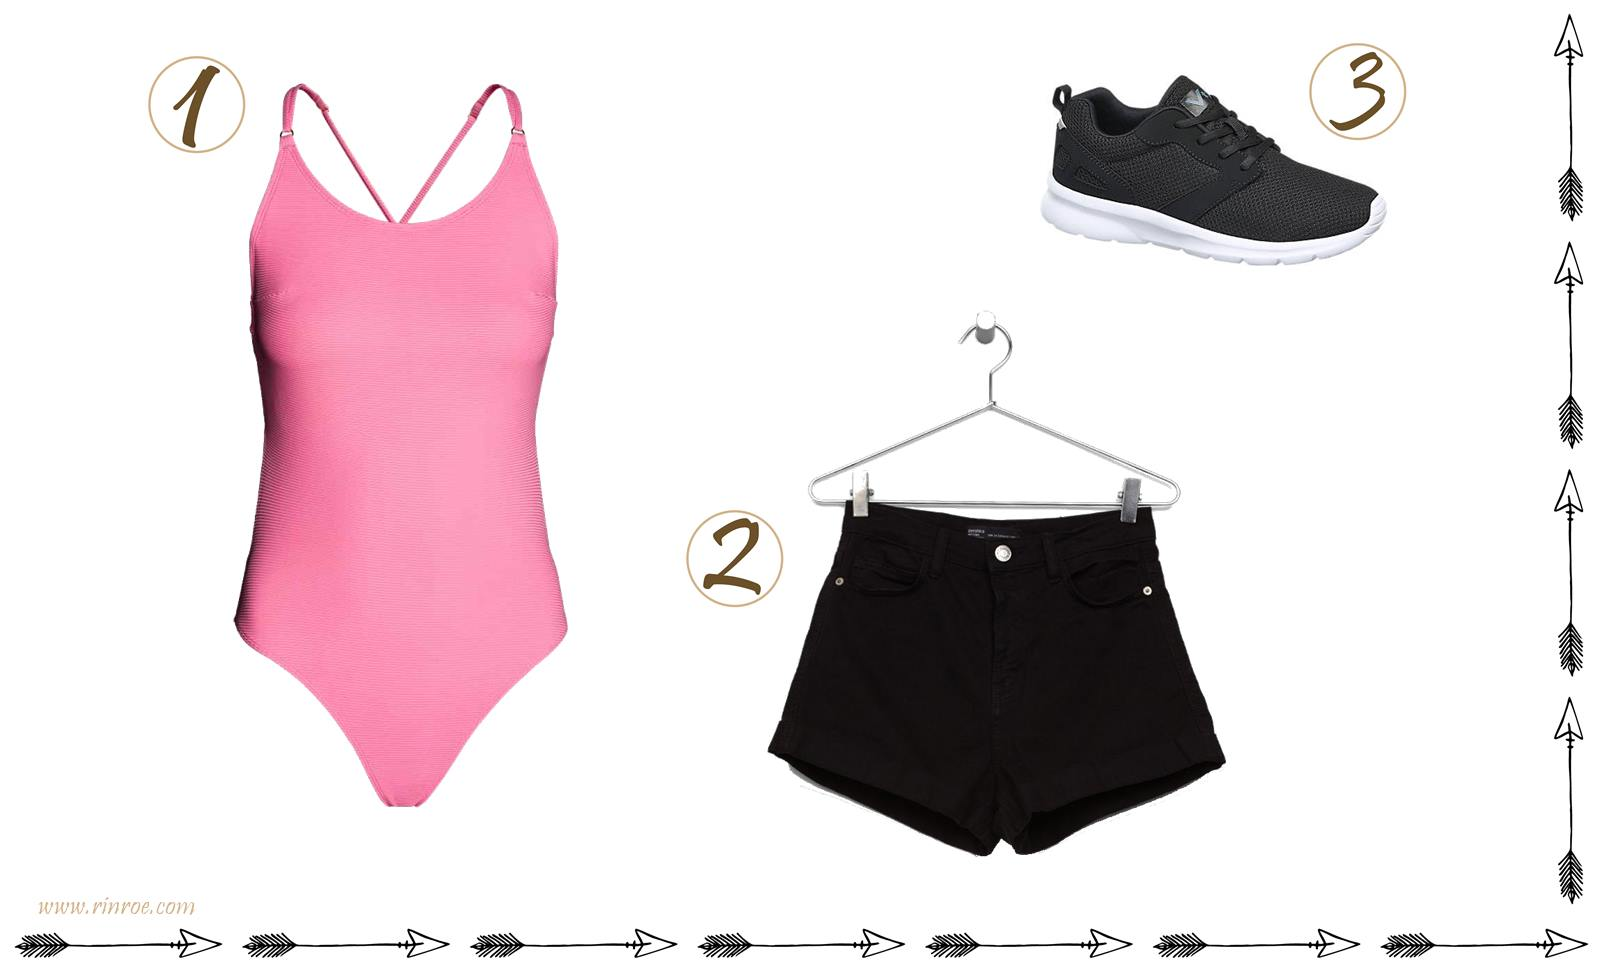 sportowa stylizacja czarne szorty wysoki stan strój kąpielowy